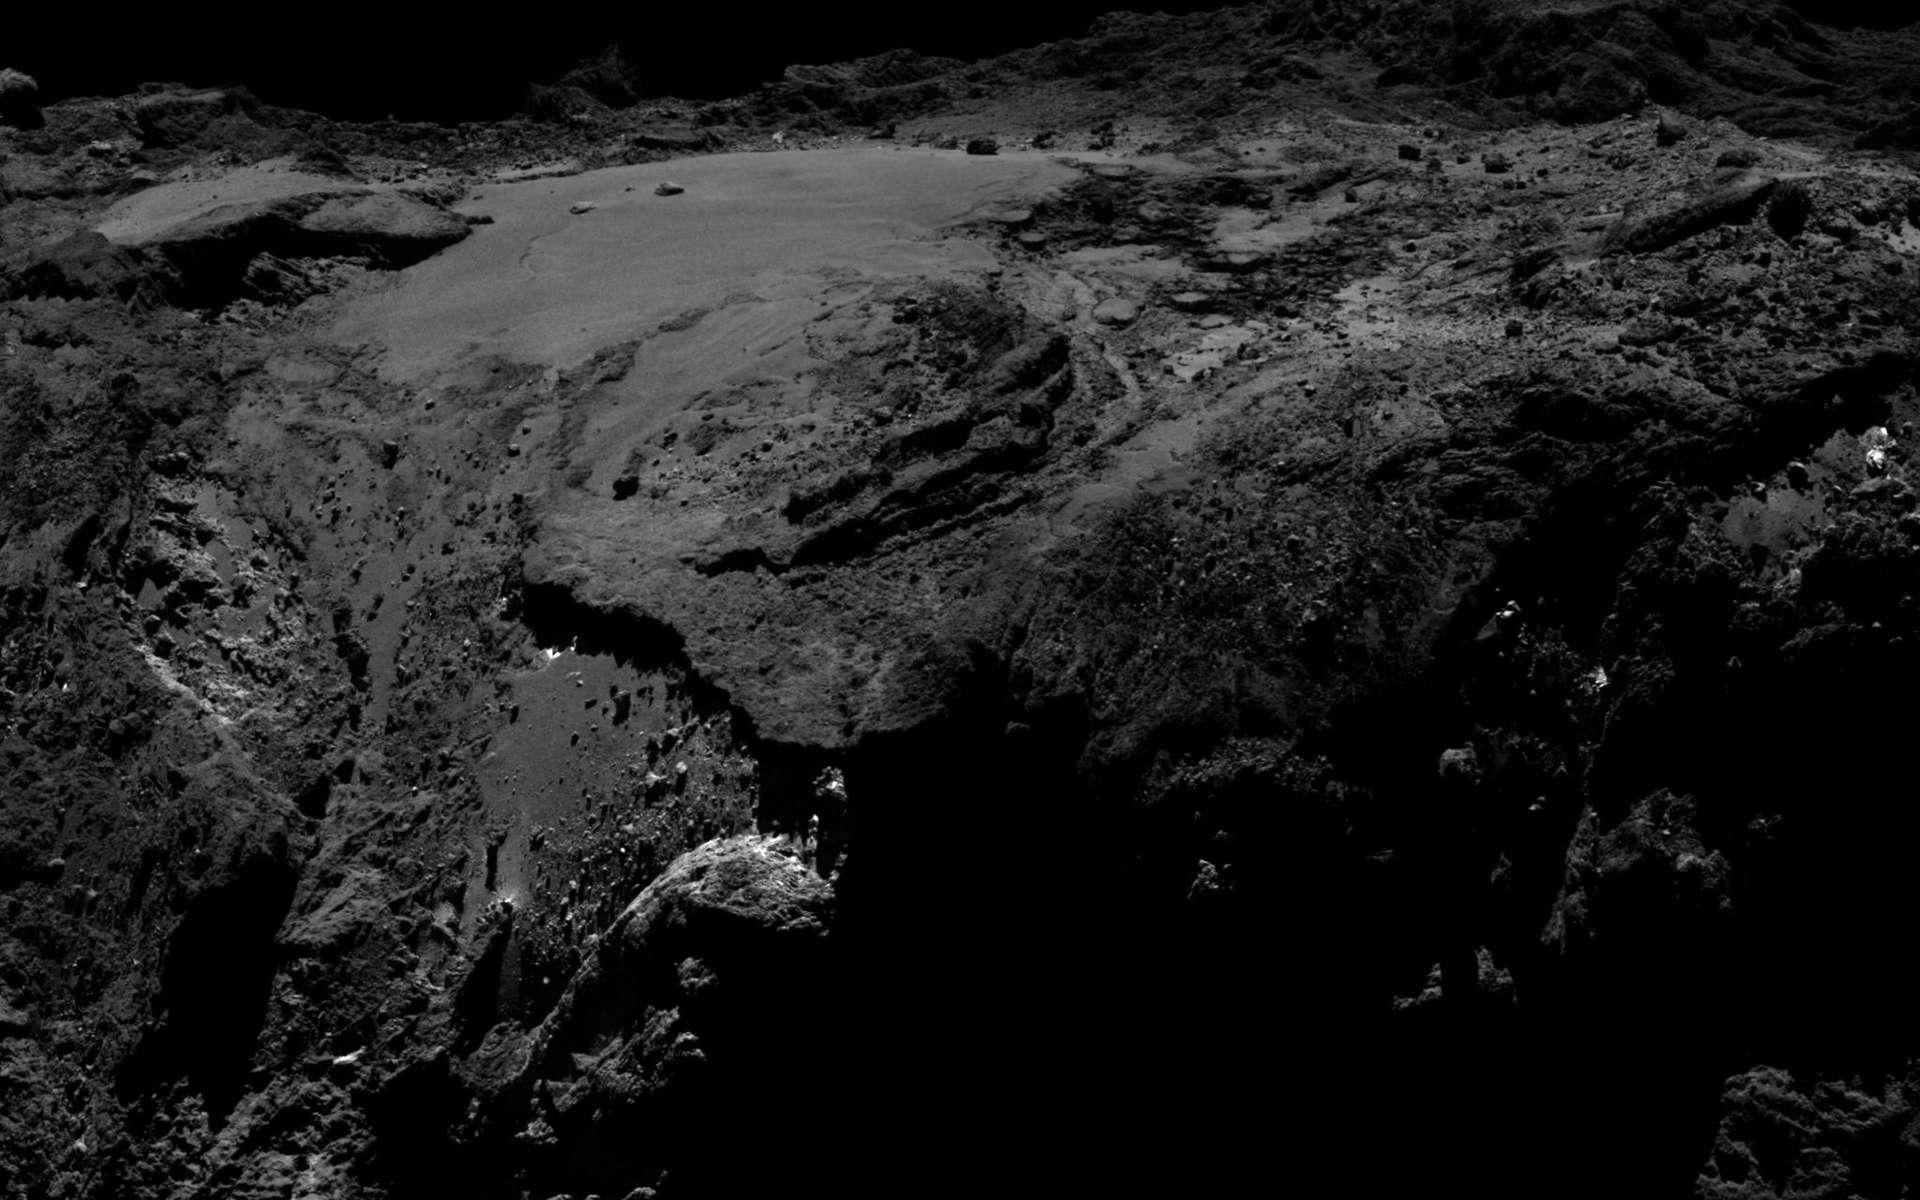 La région d'Imhotep, sur le grand lobe de Tchouri, imagée par Rosetta le 19 mars 2016 à 12 km de la surface. Quelques arpents de glace d'eau exposée ont été observés par la sonde européenne. © ESA/Rosetta/MPS for OSIRIS Team MPS/UPD/LAM/IAA/SSO/INTA/UPM/DASP/IDA